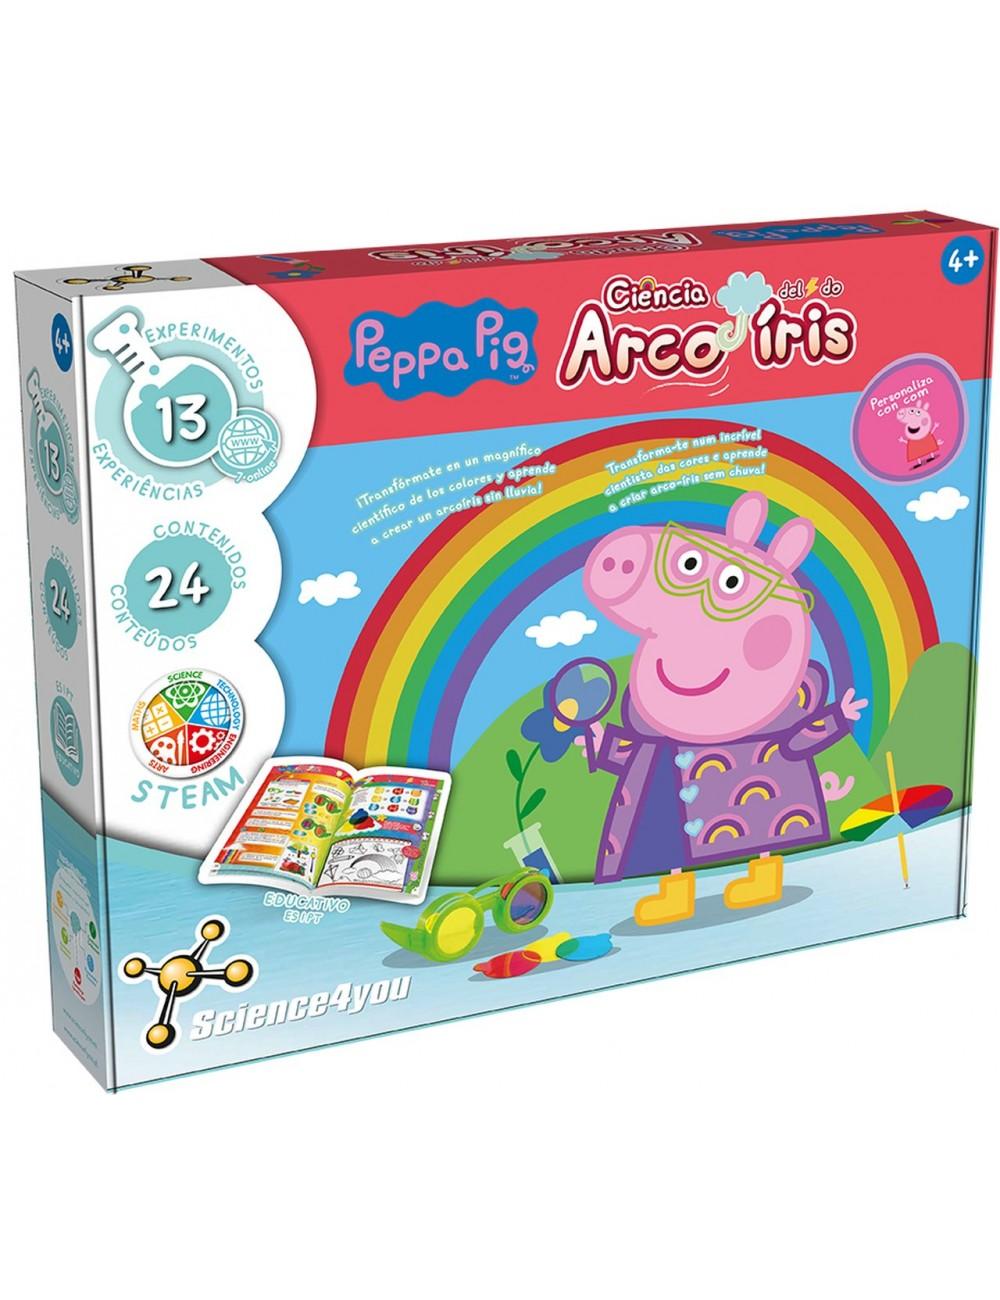 Peppa Pig La Ciencia Del Arco Iris